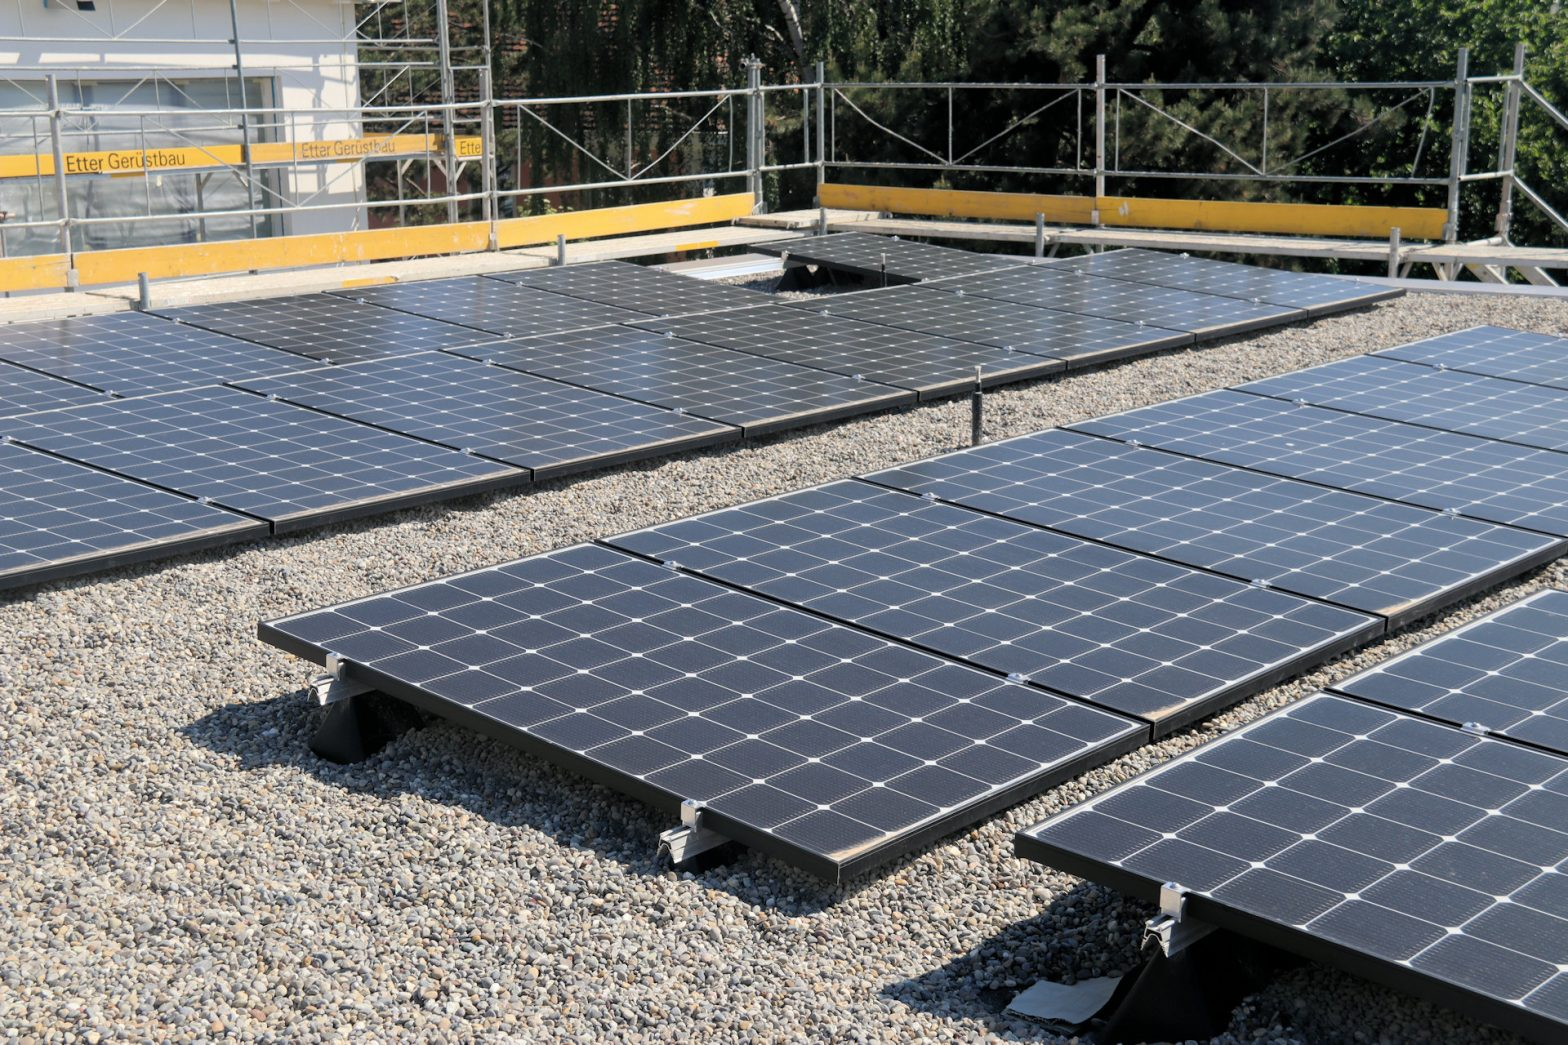 Nachhaltigkeit dank Solarenergie